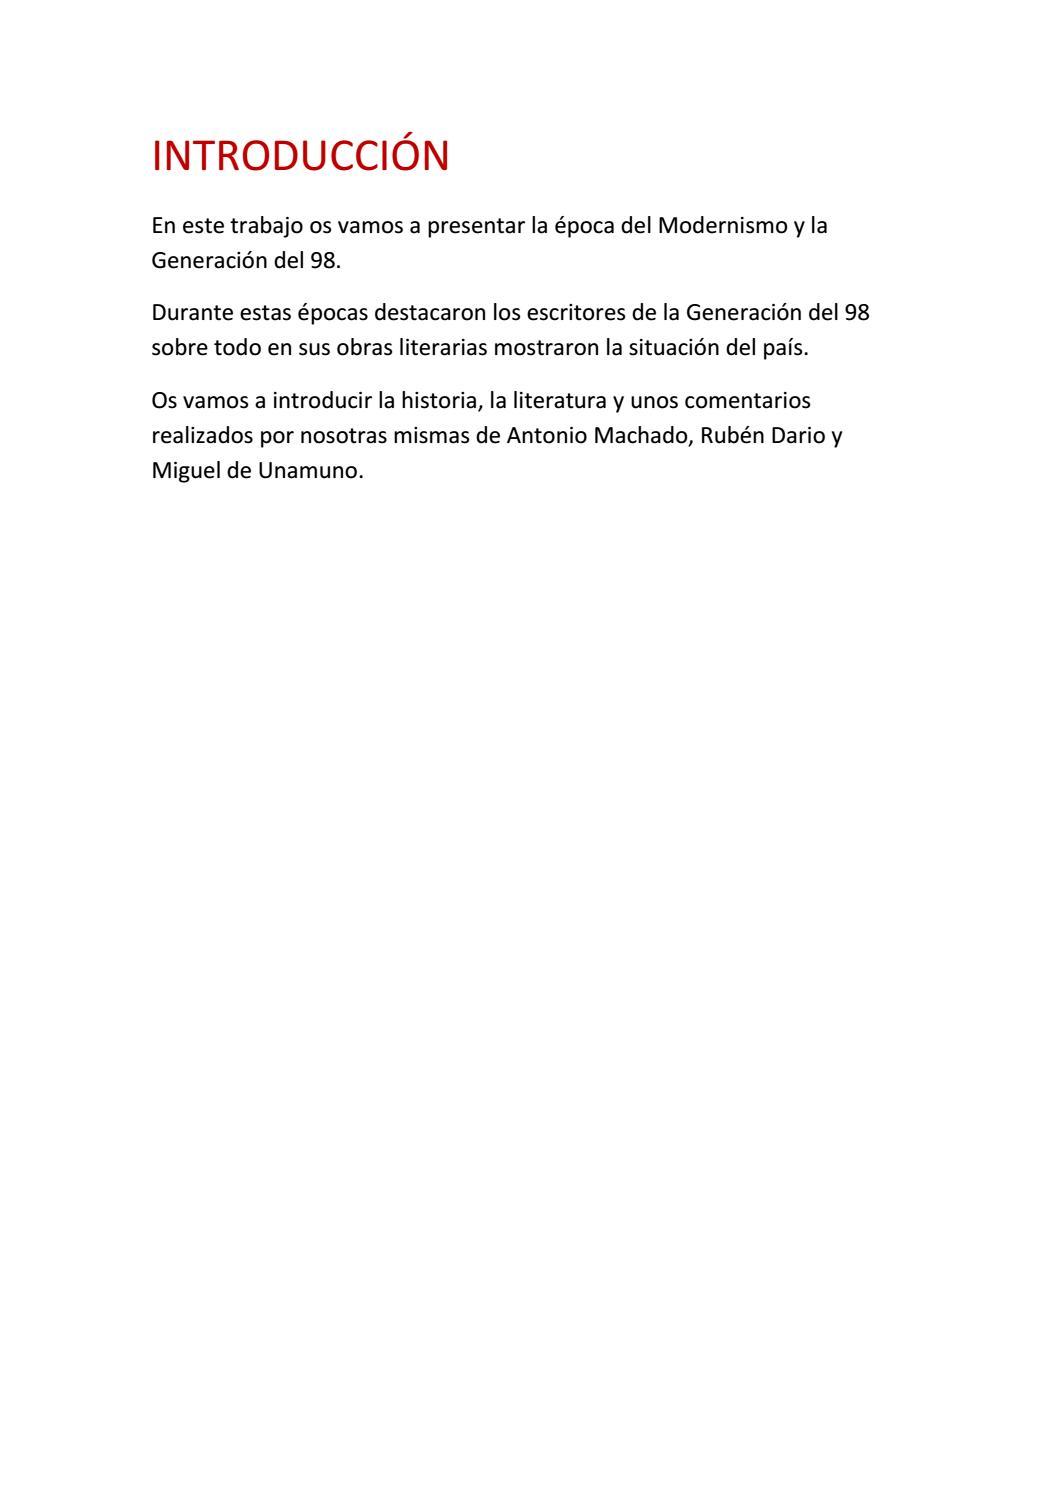 Introducción by lauratur   issuu